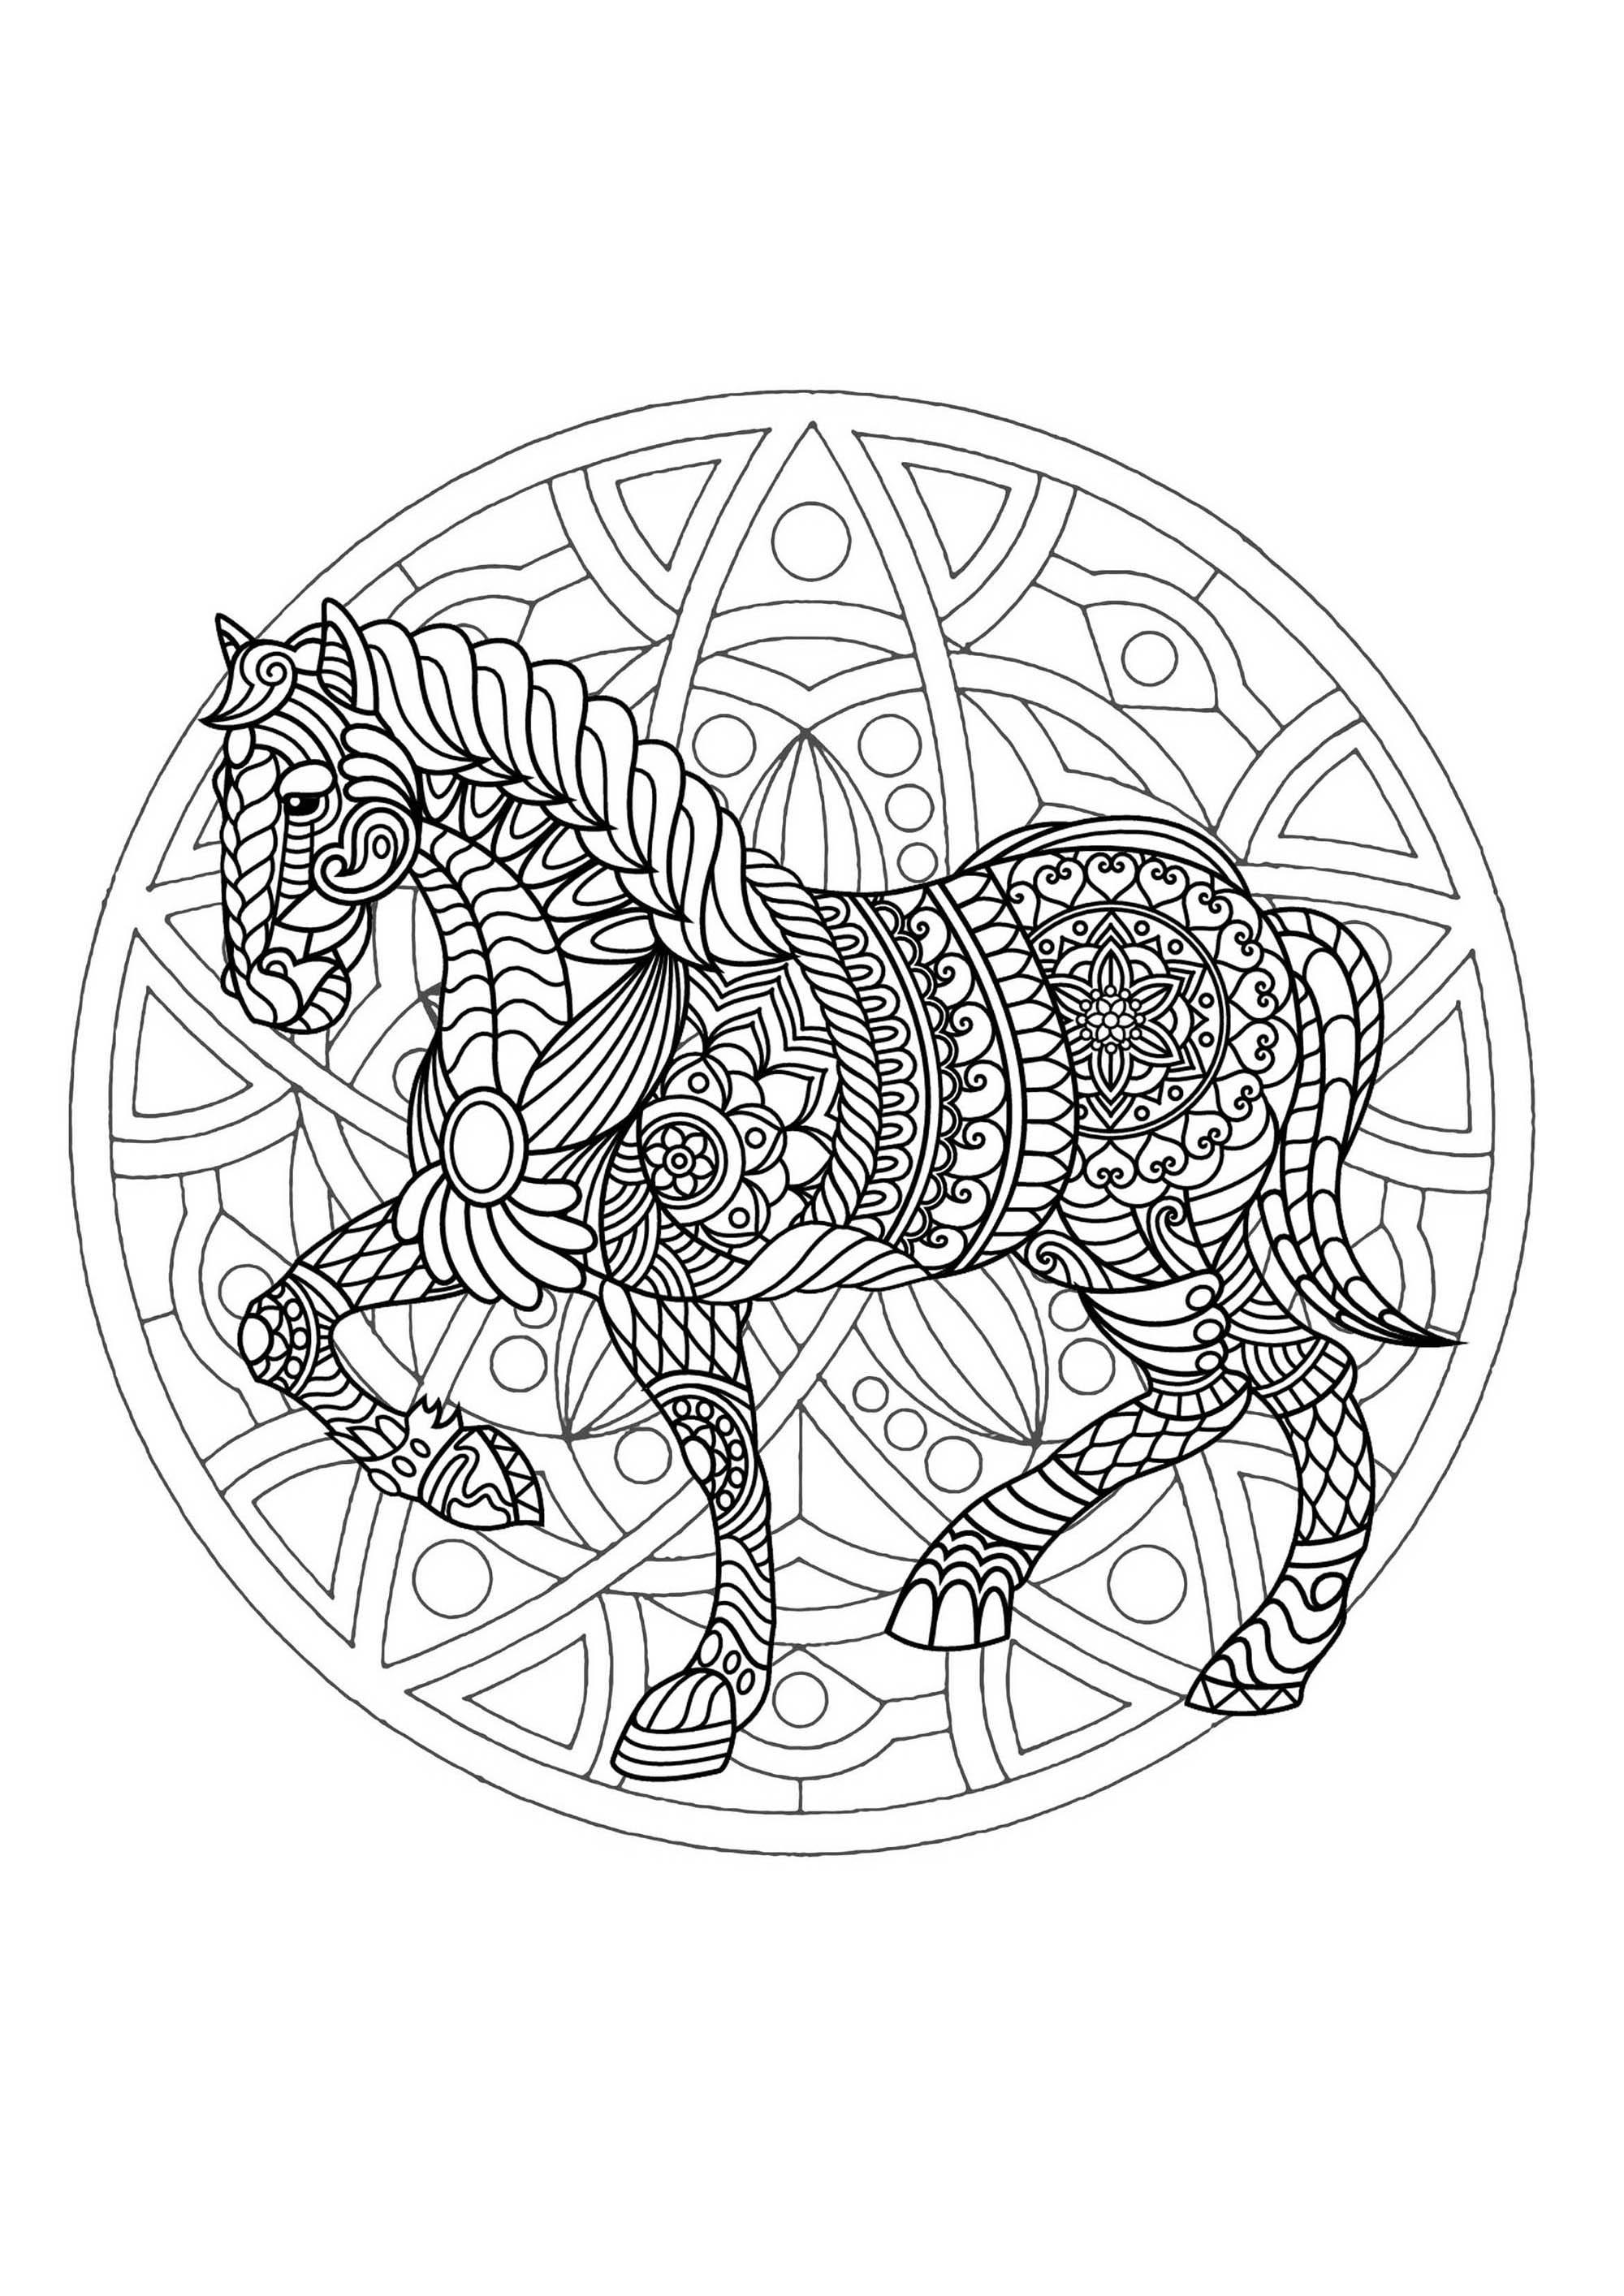 Mandala Cheval 1 - Mandalas - Coloriages Difficiles Pour tout Coloriage Mandala Adulte A Imprimer